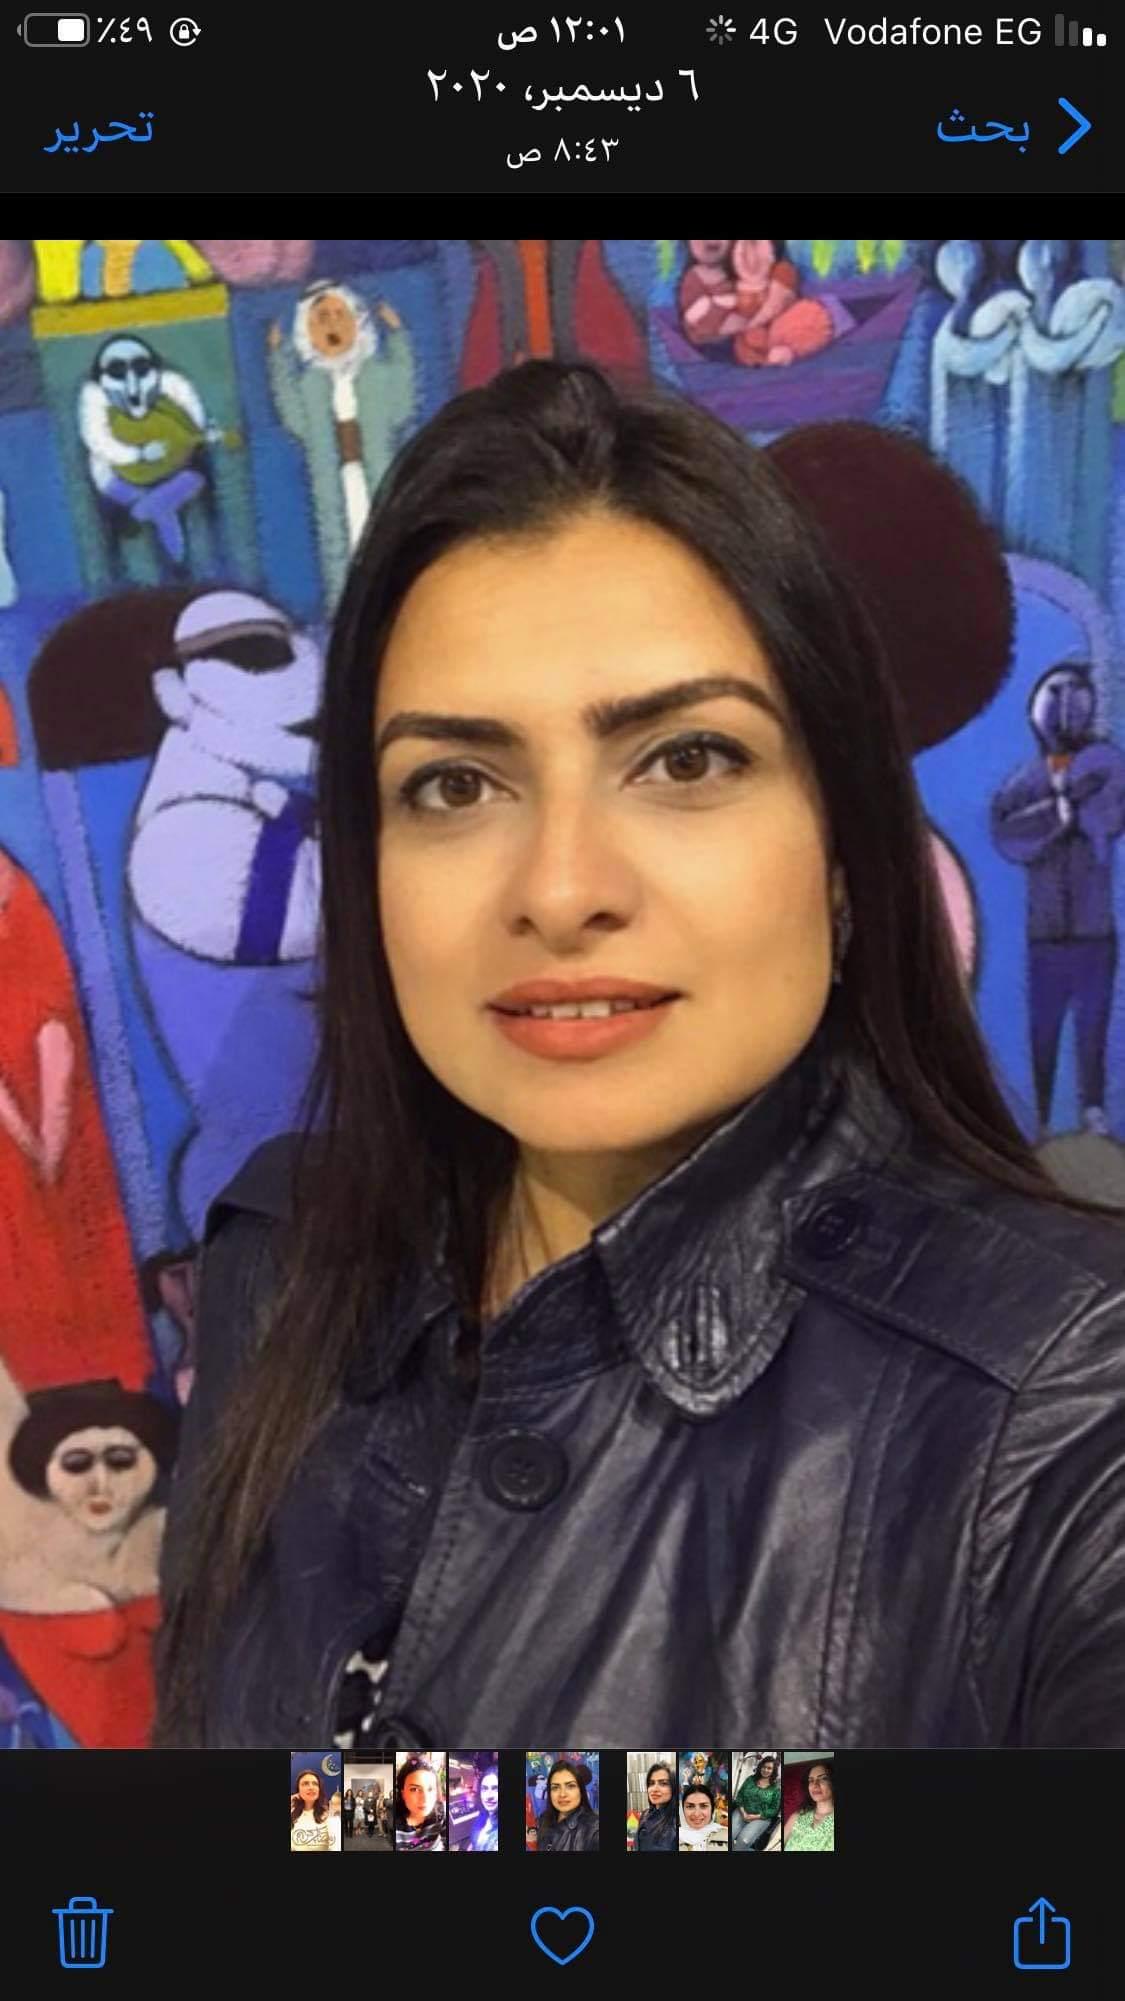 -جيهان سعودى- تشارك بأعمال فنية متميزة في معرض- اوبريت -